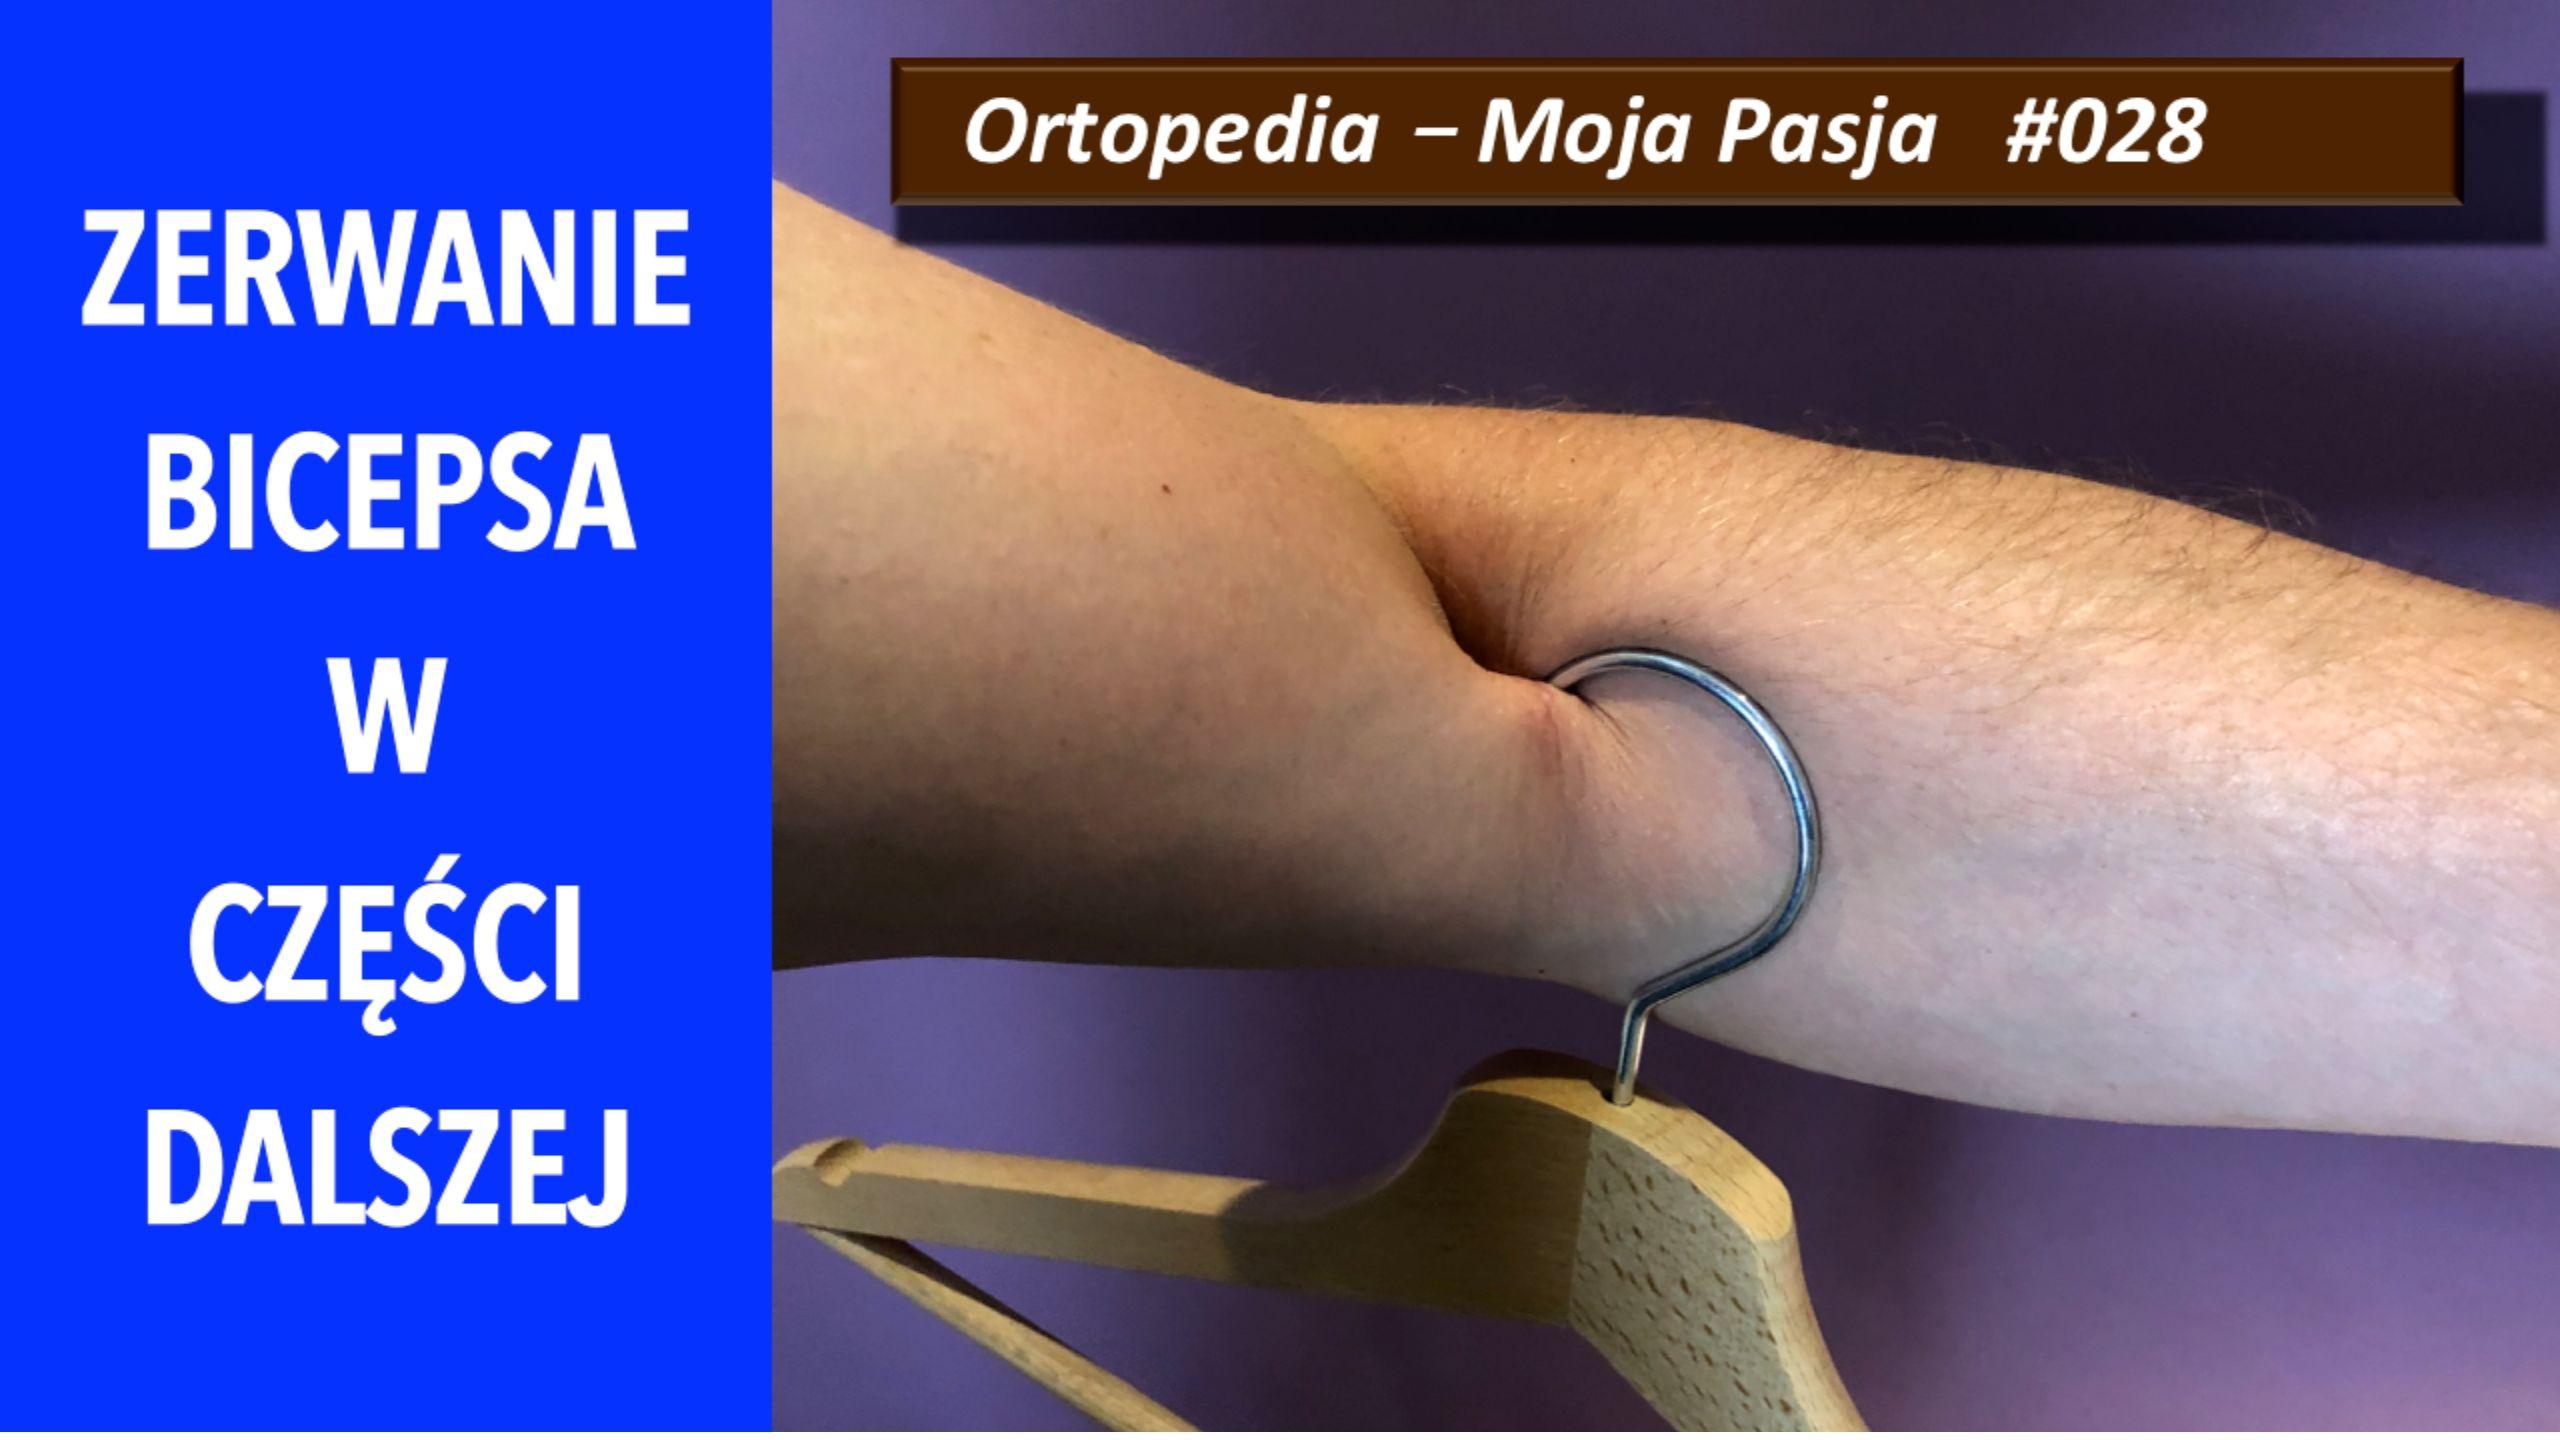 Zerwanie bicepsa w części dalszej